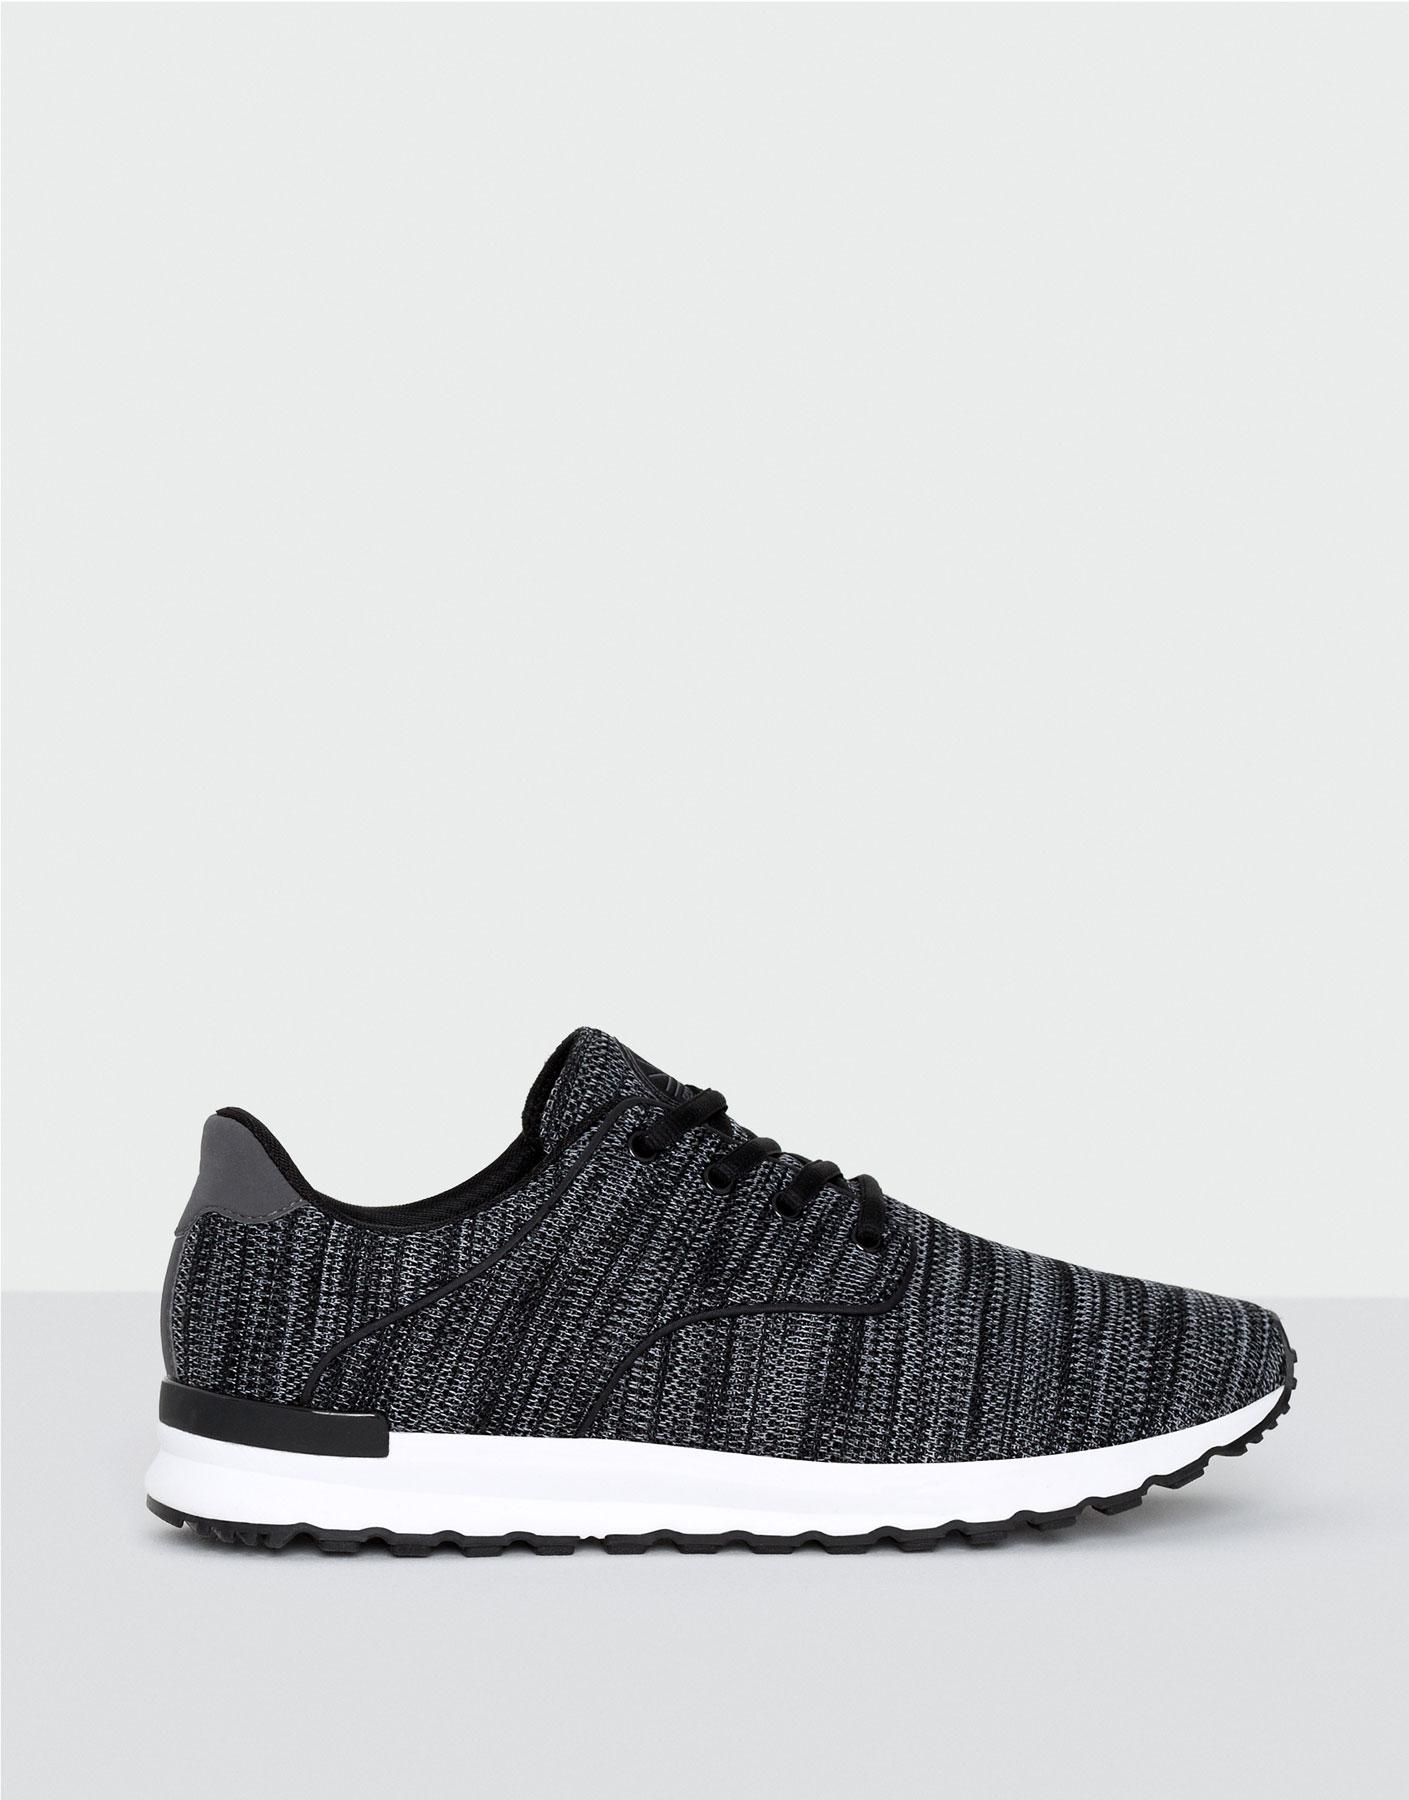 Jersey knit sneakers